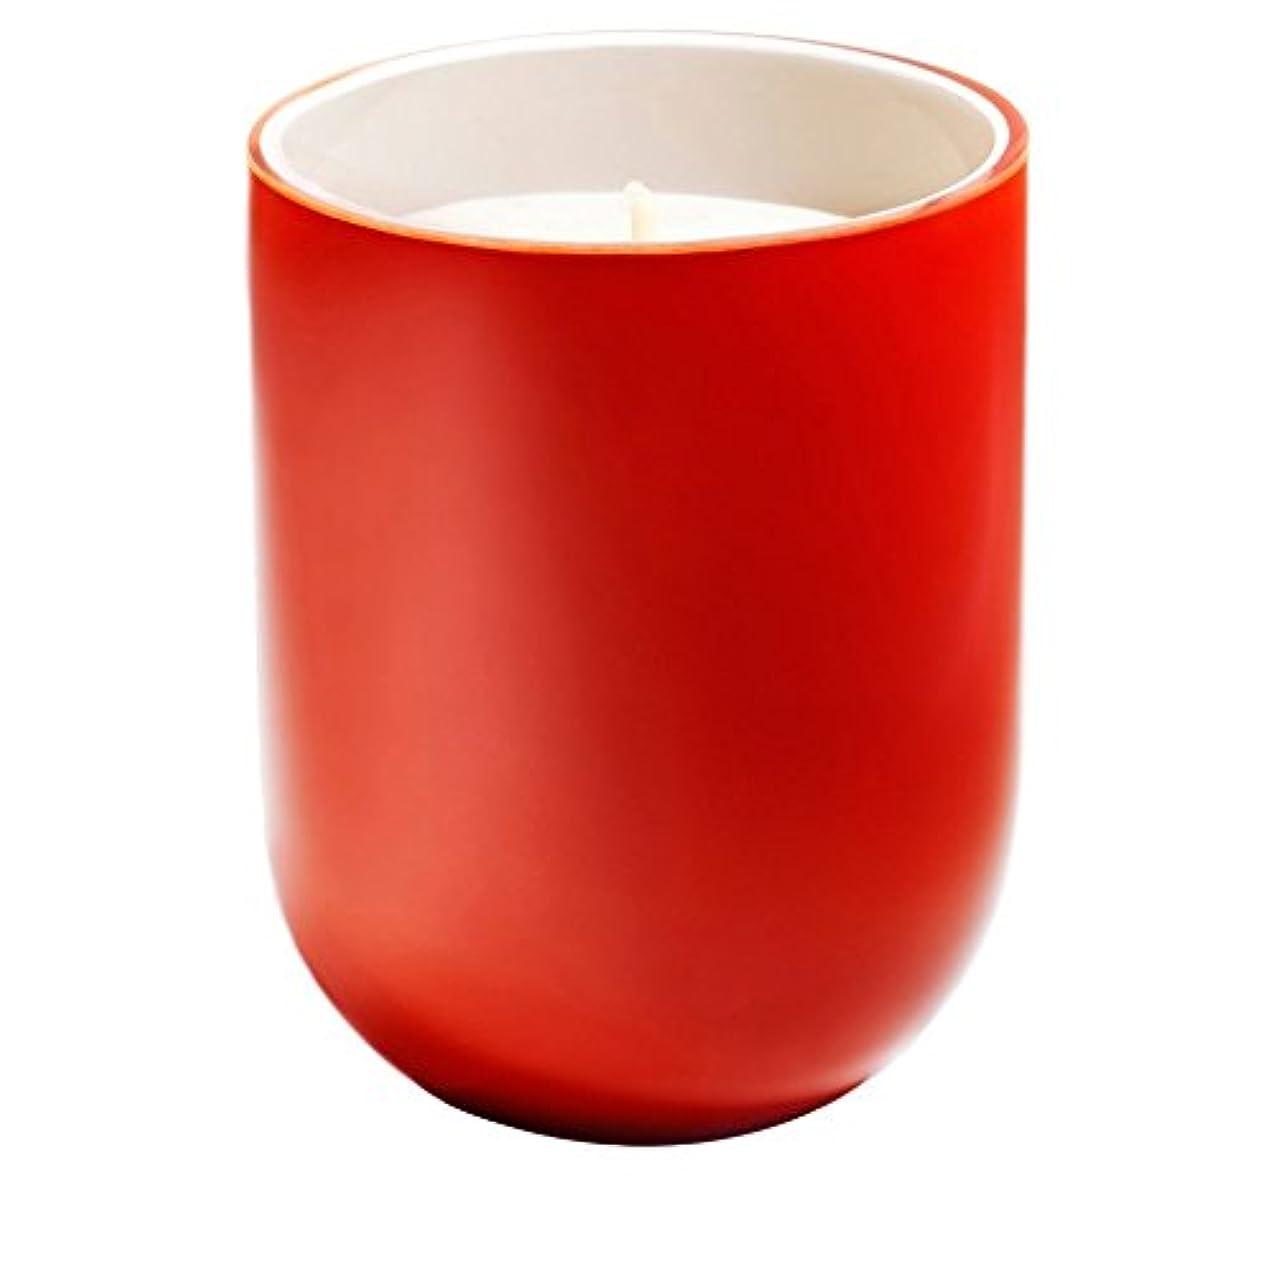 怪物減らす先駆者フレデリック?マルロシアの夜香りのキャンドル x6 - Frederic Malle Russian Night Scented Candle (Pack of 6) [並行輸入品]